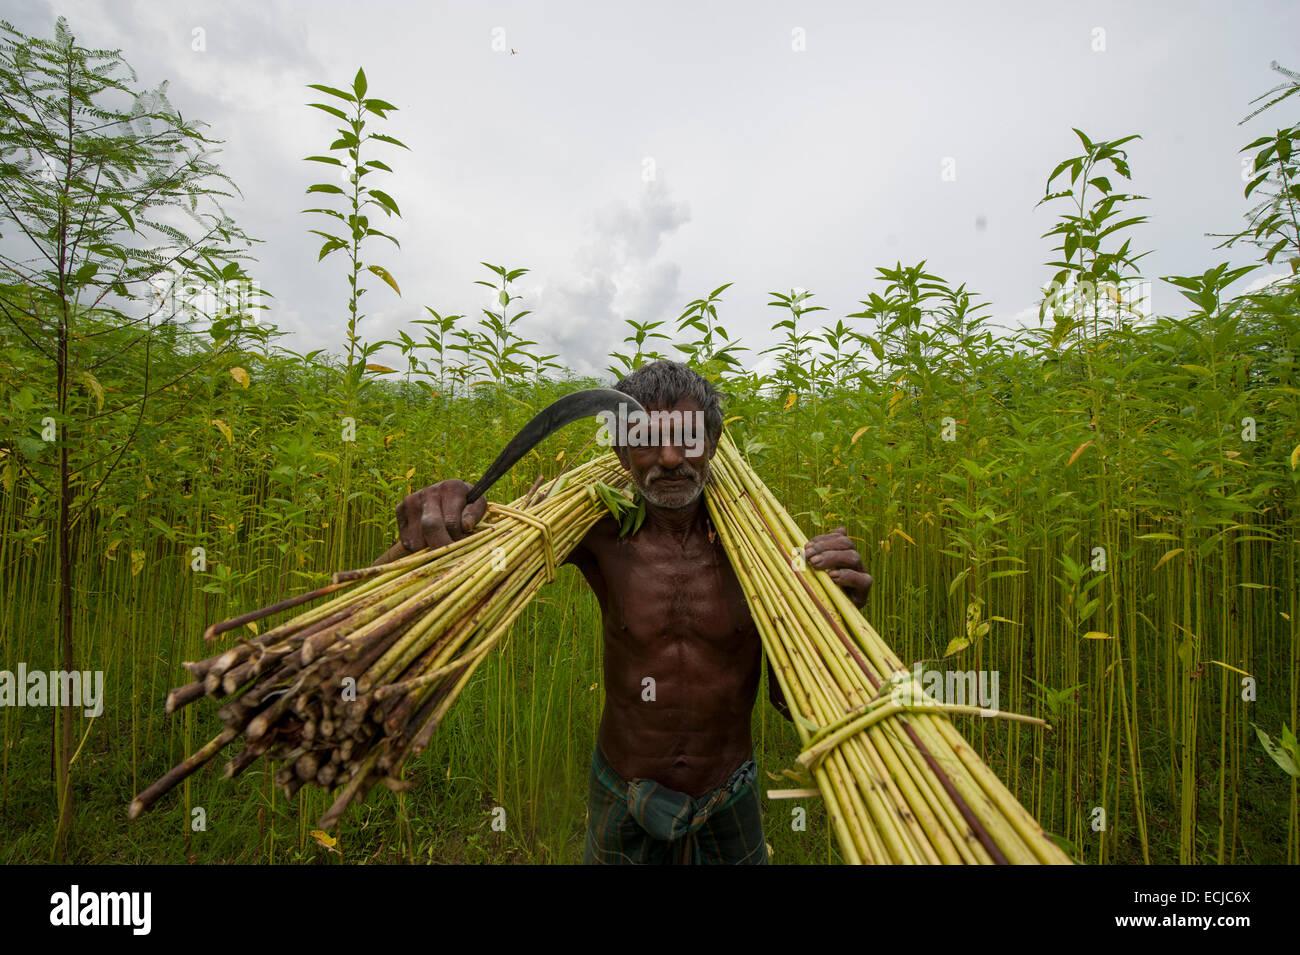 Farmer Processing Jute From Jute Plants Jute In